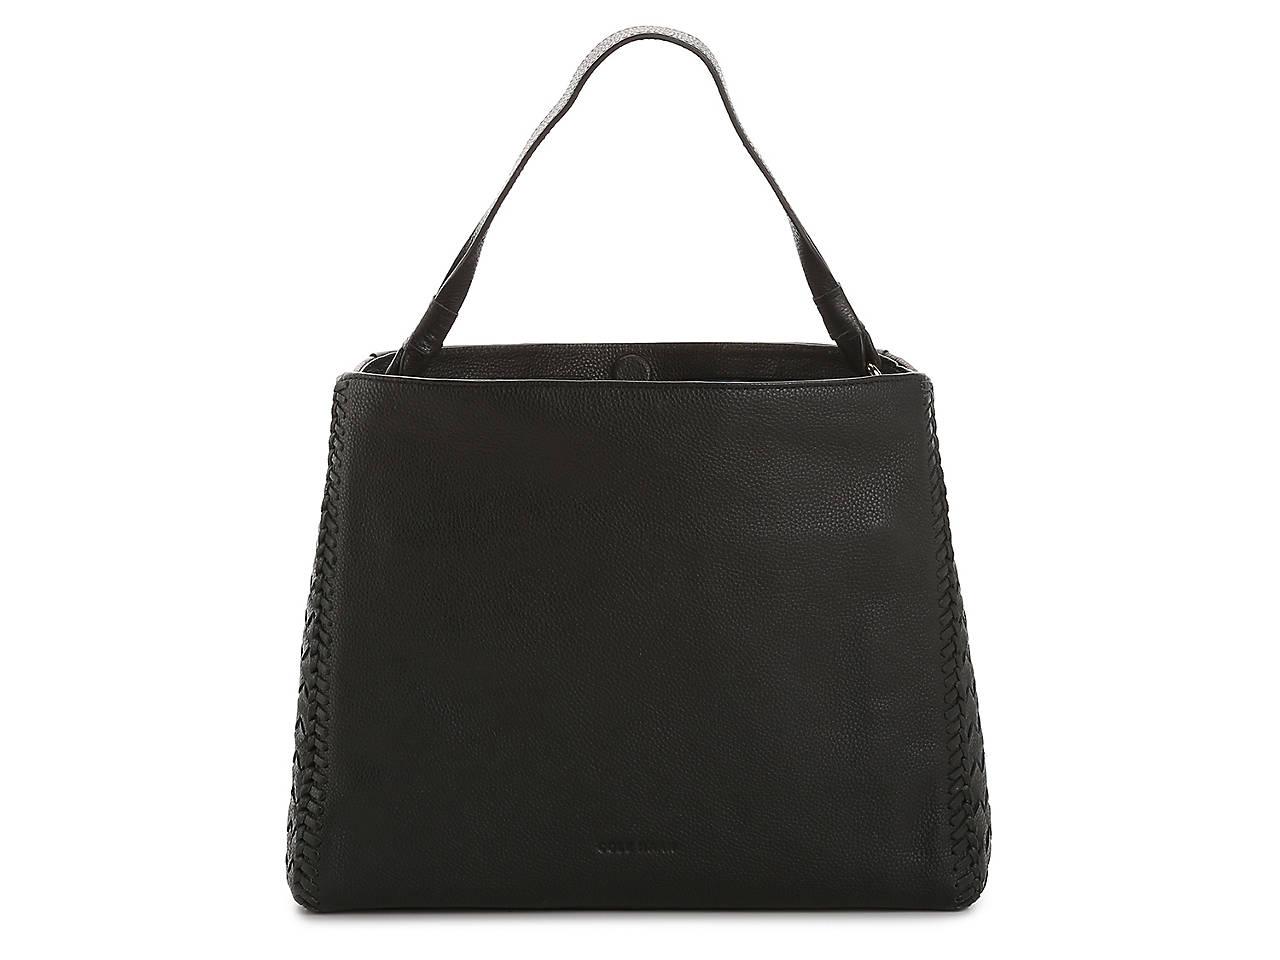 c44506478fd15 Cole Haan Dillian Leather Hobo Bag Women s Handbags   Accessories